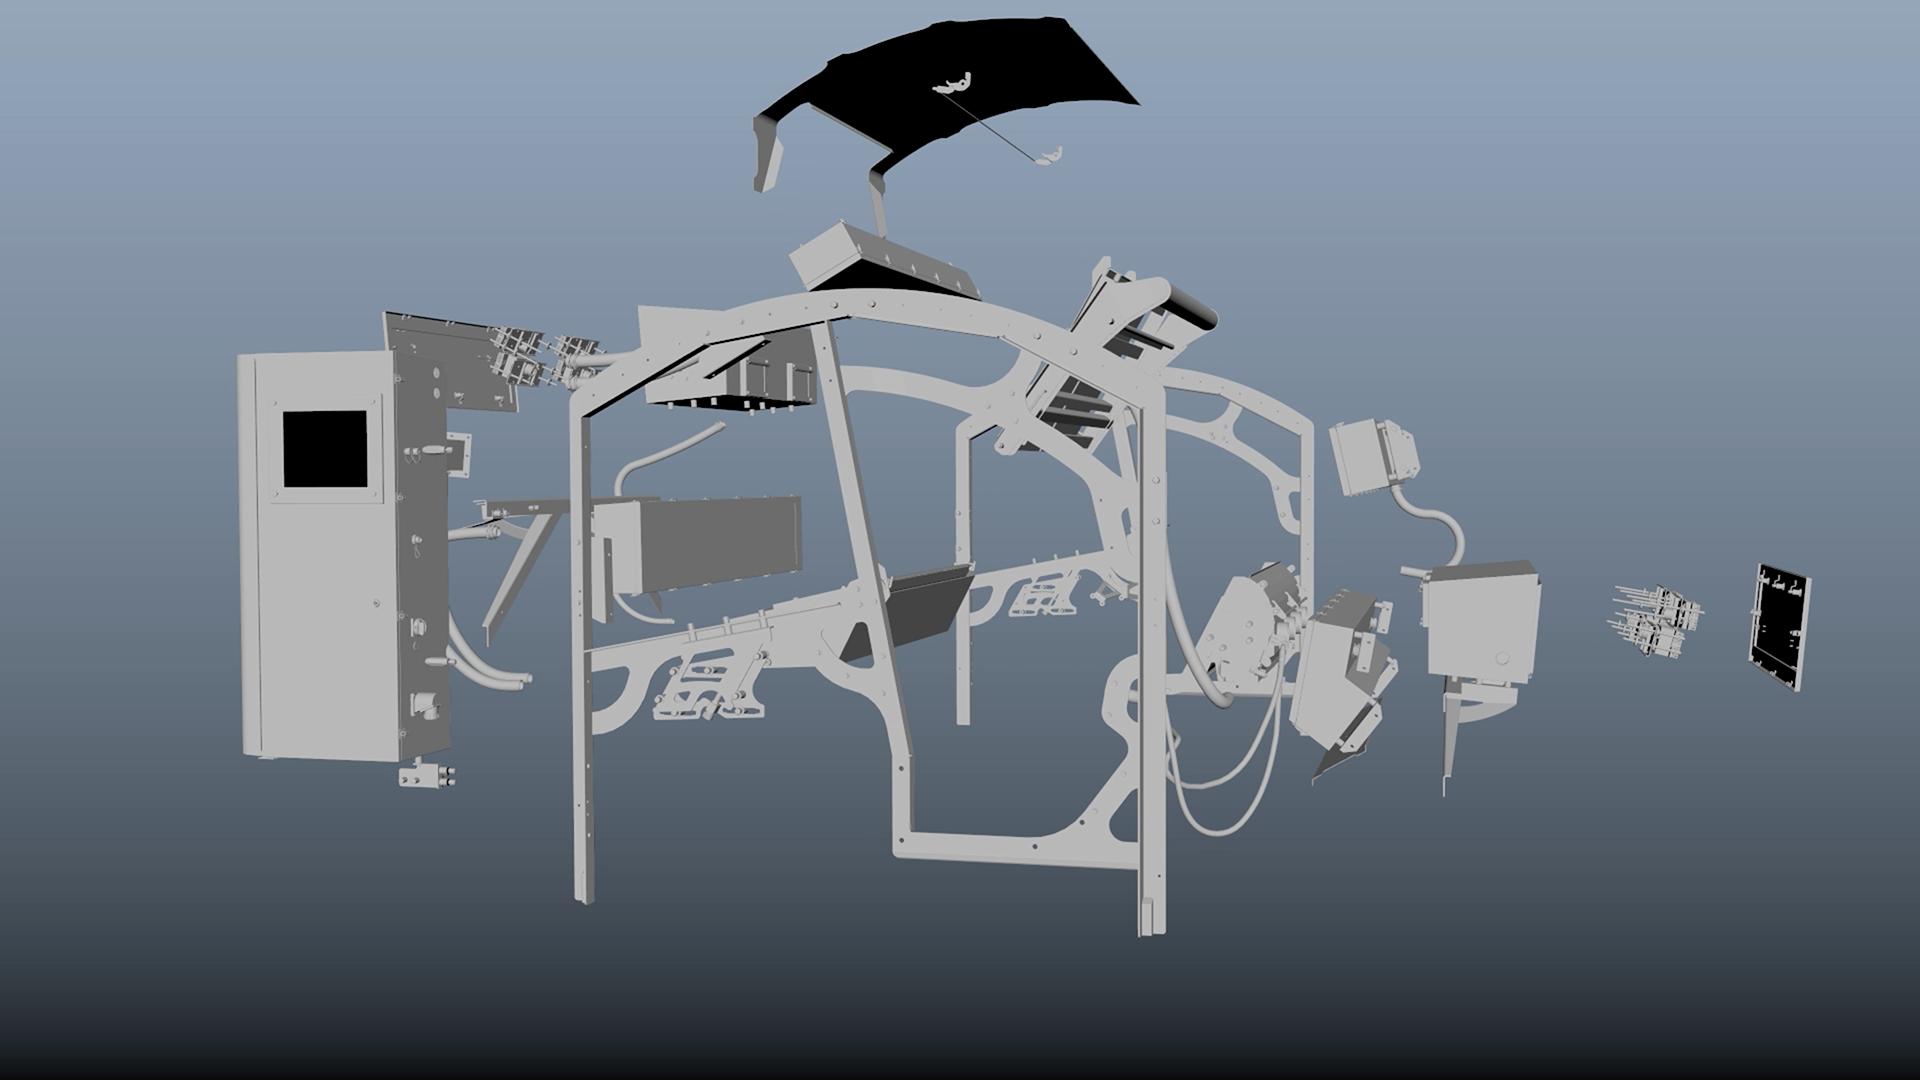 pre rendered image of sorting machine split apart